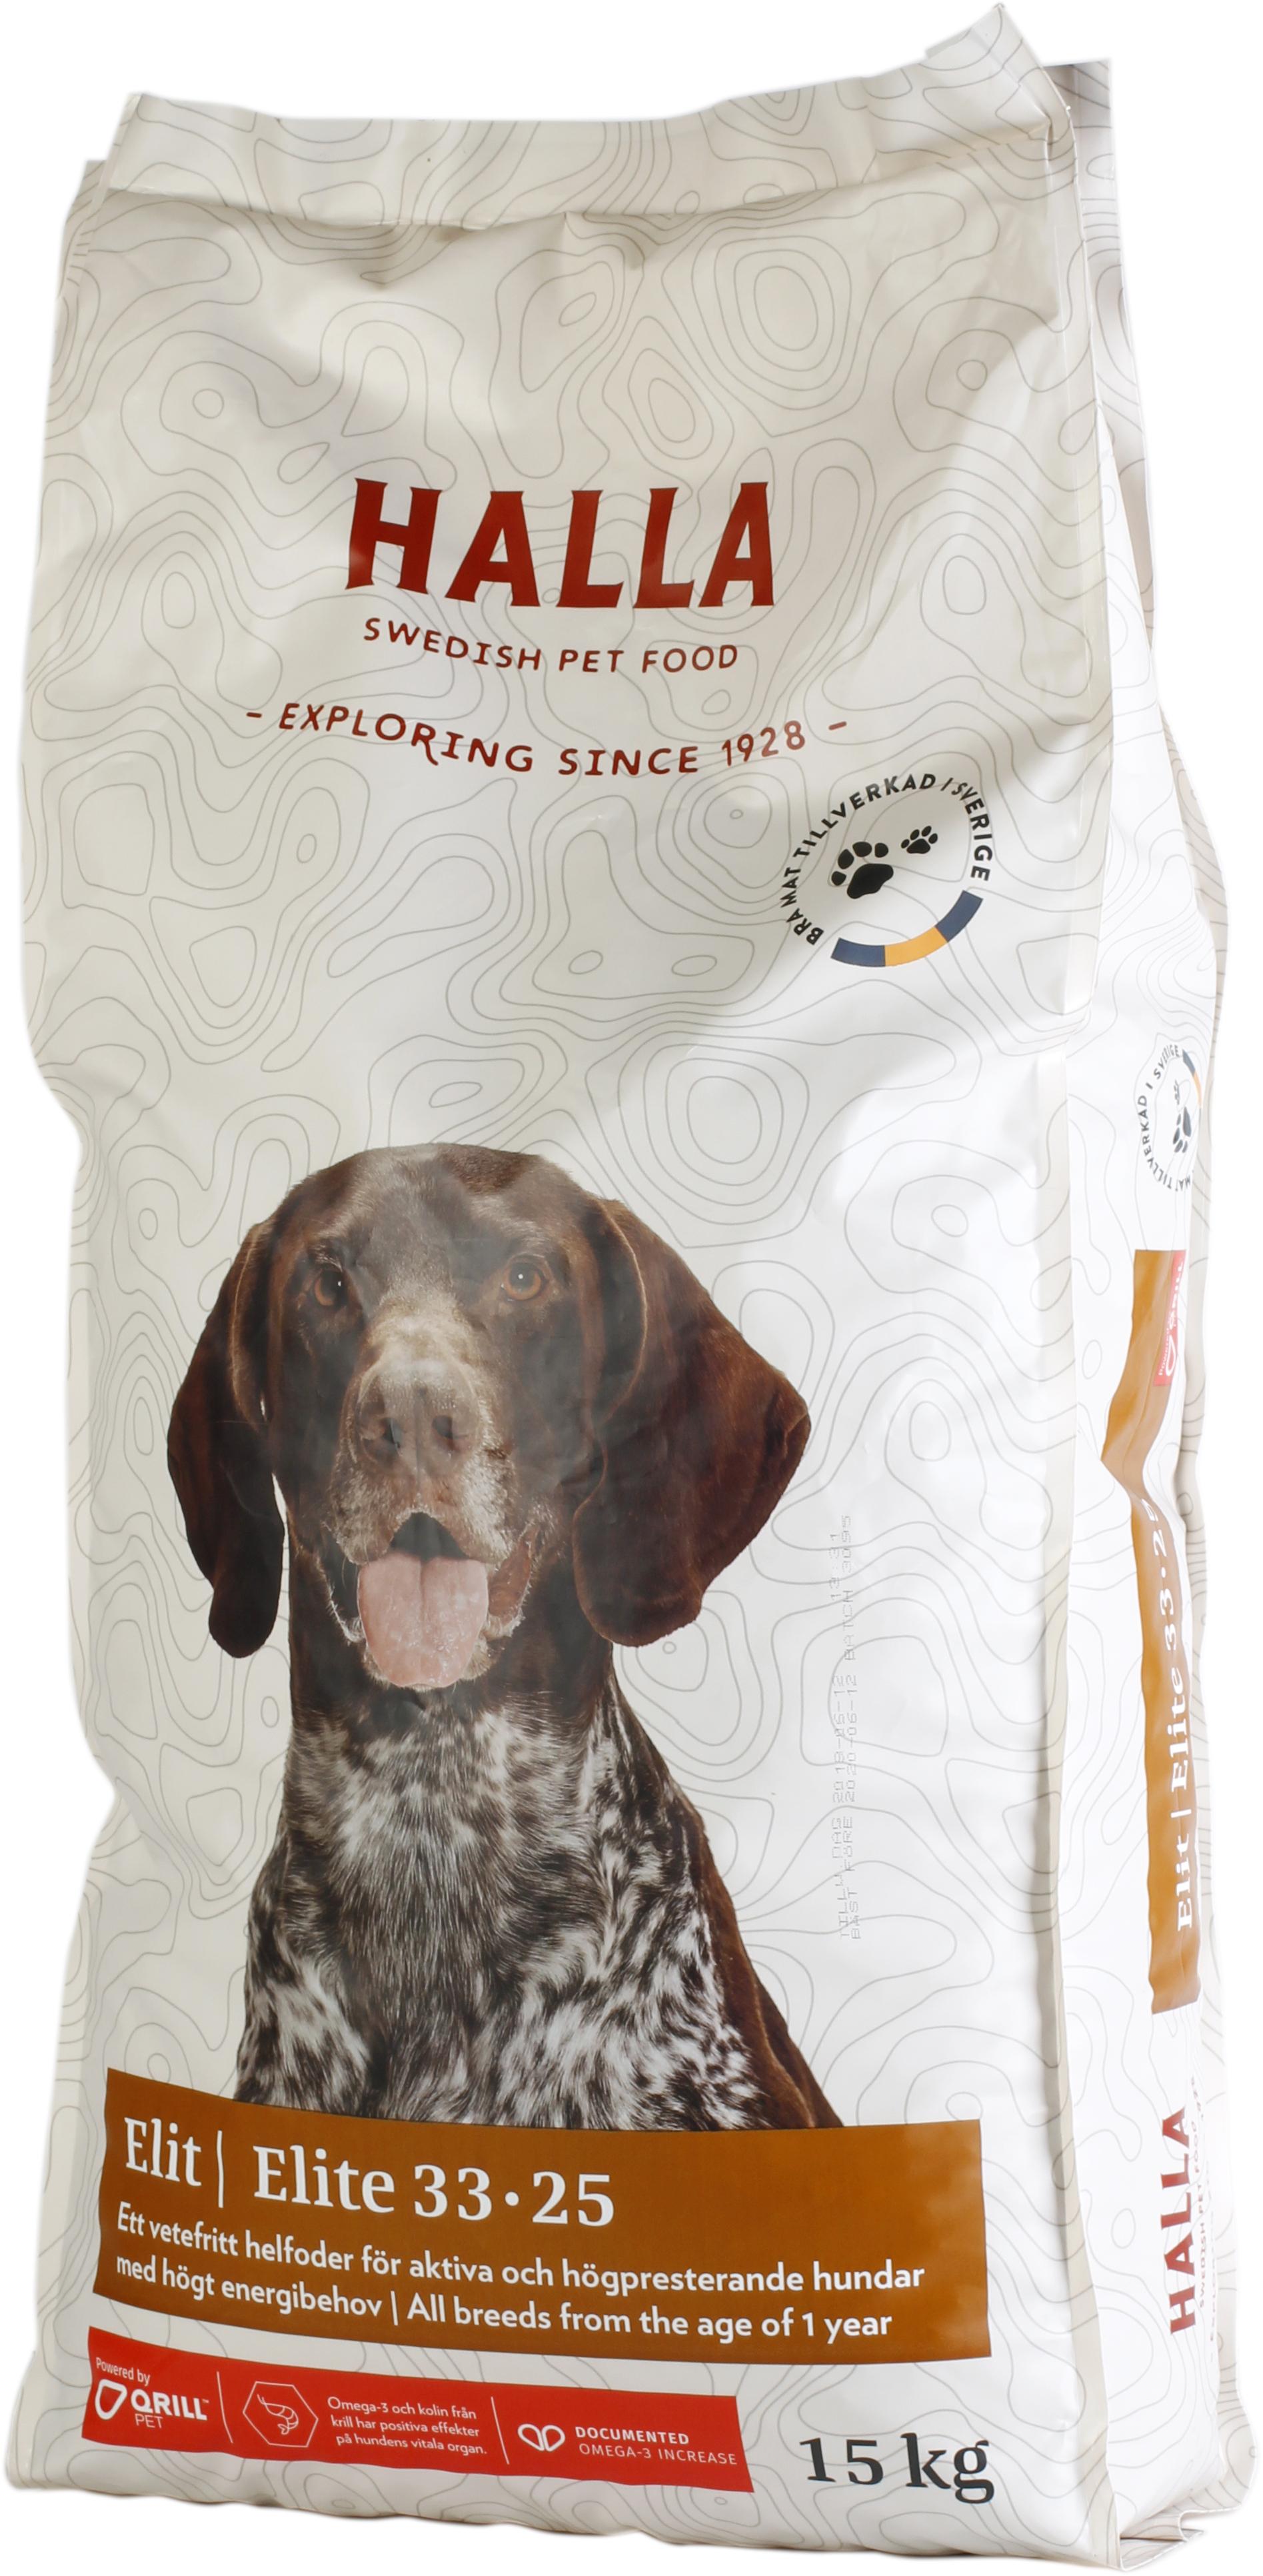 Hundfoder Halla Elit, 15 kg